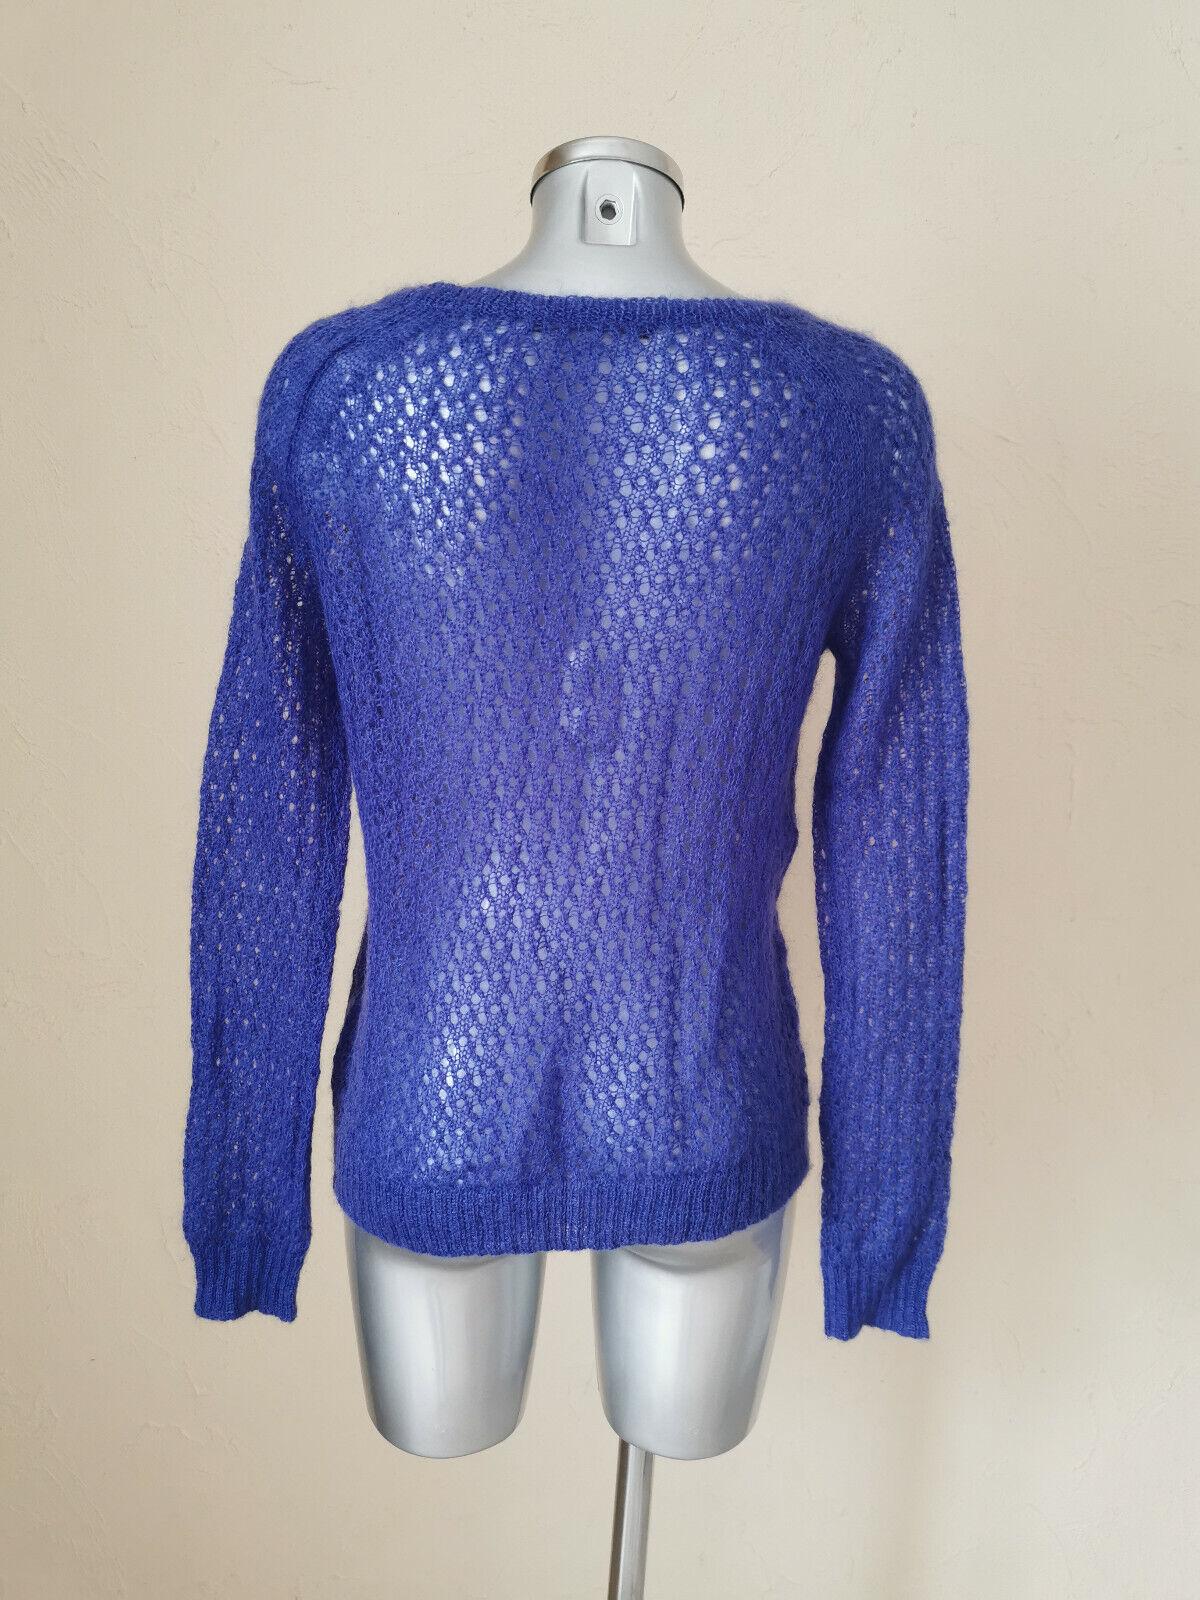 Comptoir des cotonniers - pull mohair - violet - taille s soit 36fr